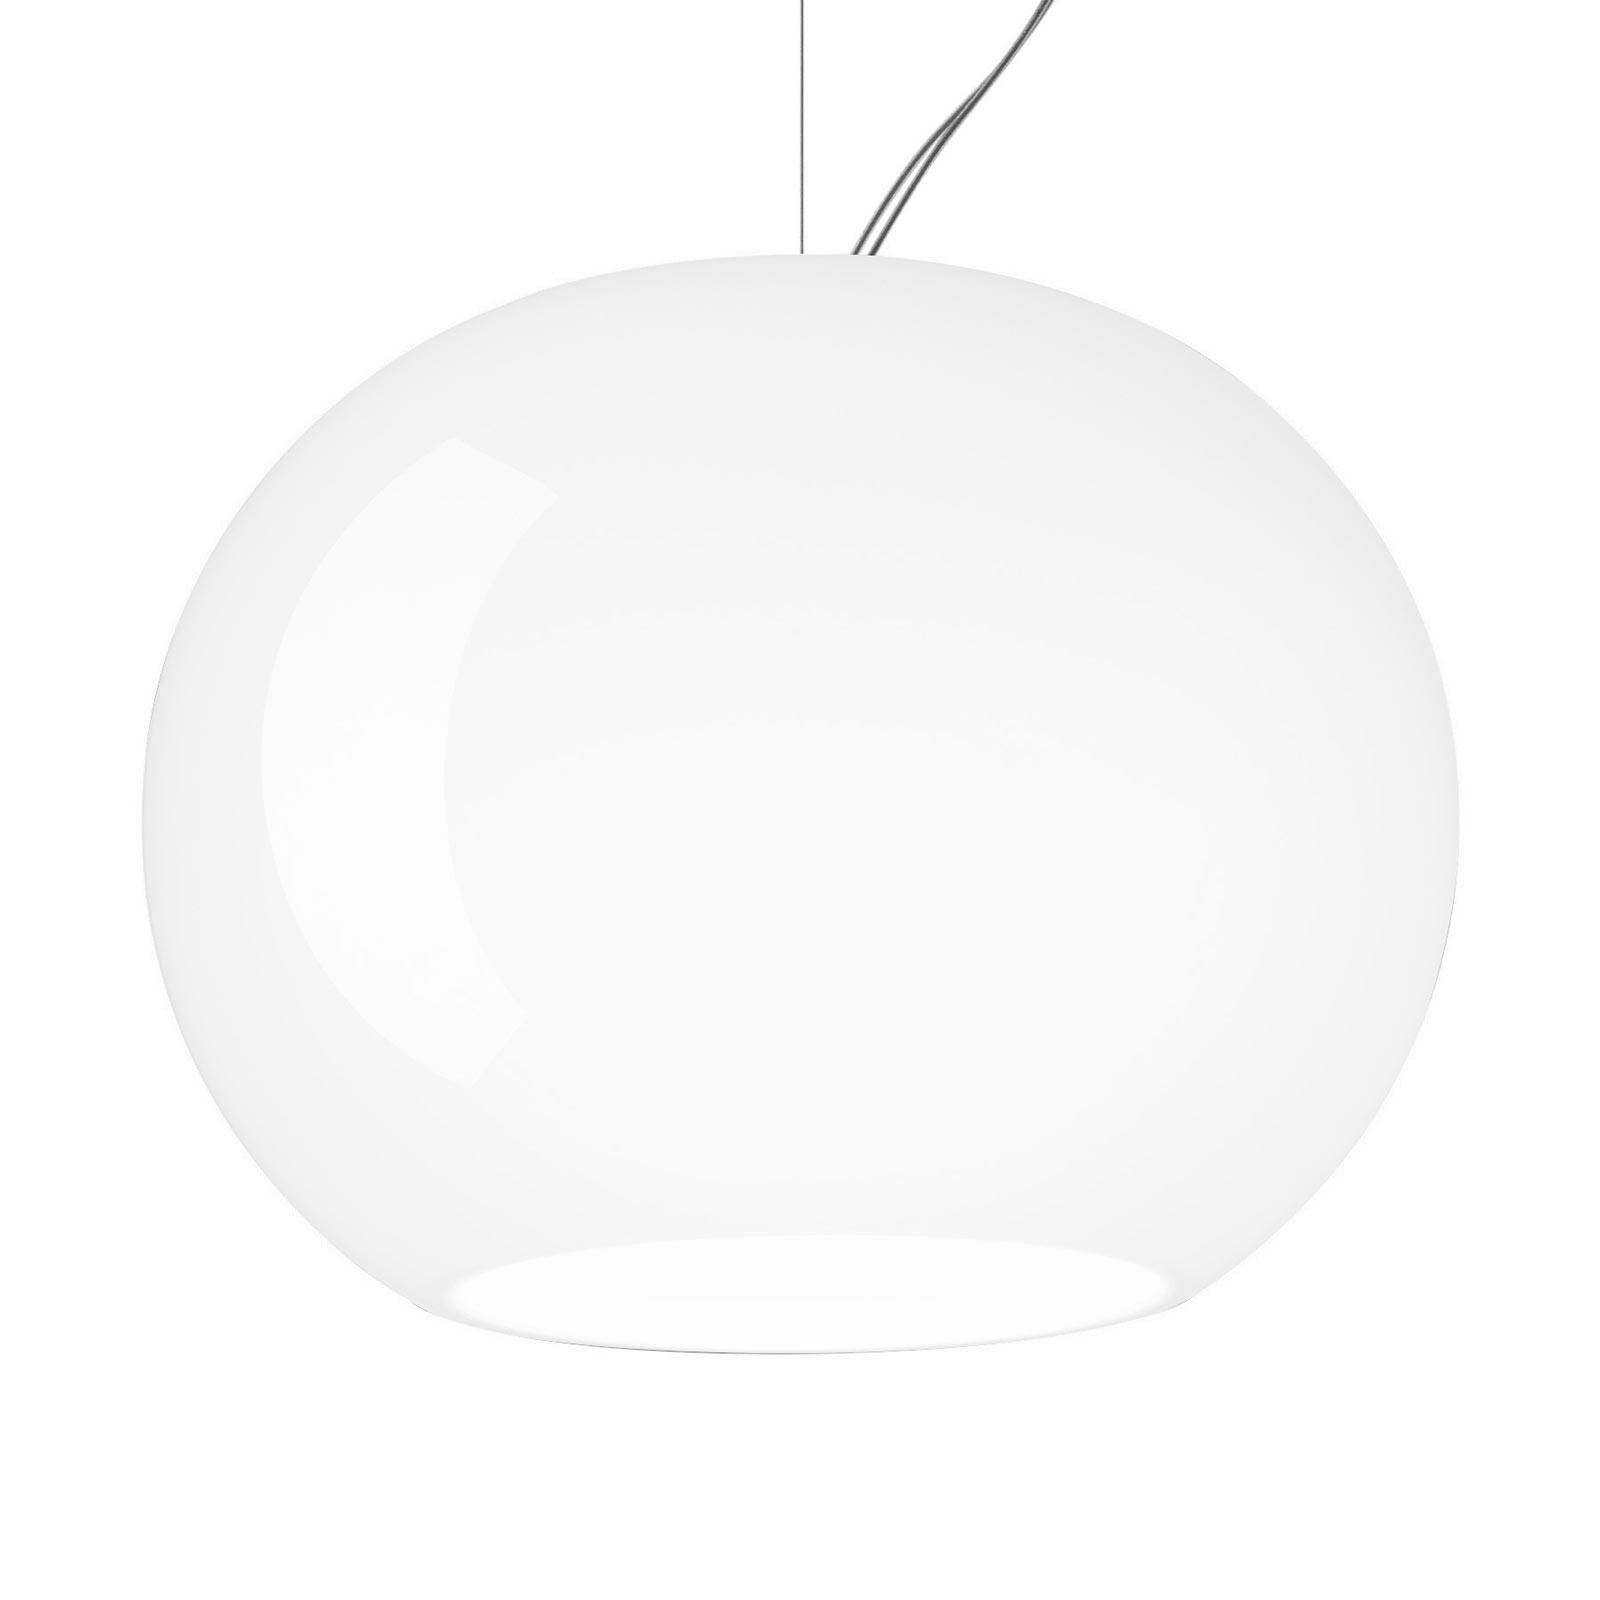 Foscarini Buds 3 -LED-riippuvalaisin E27 valkoinen